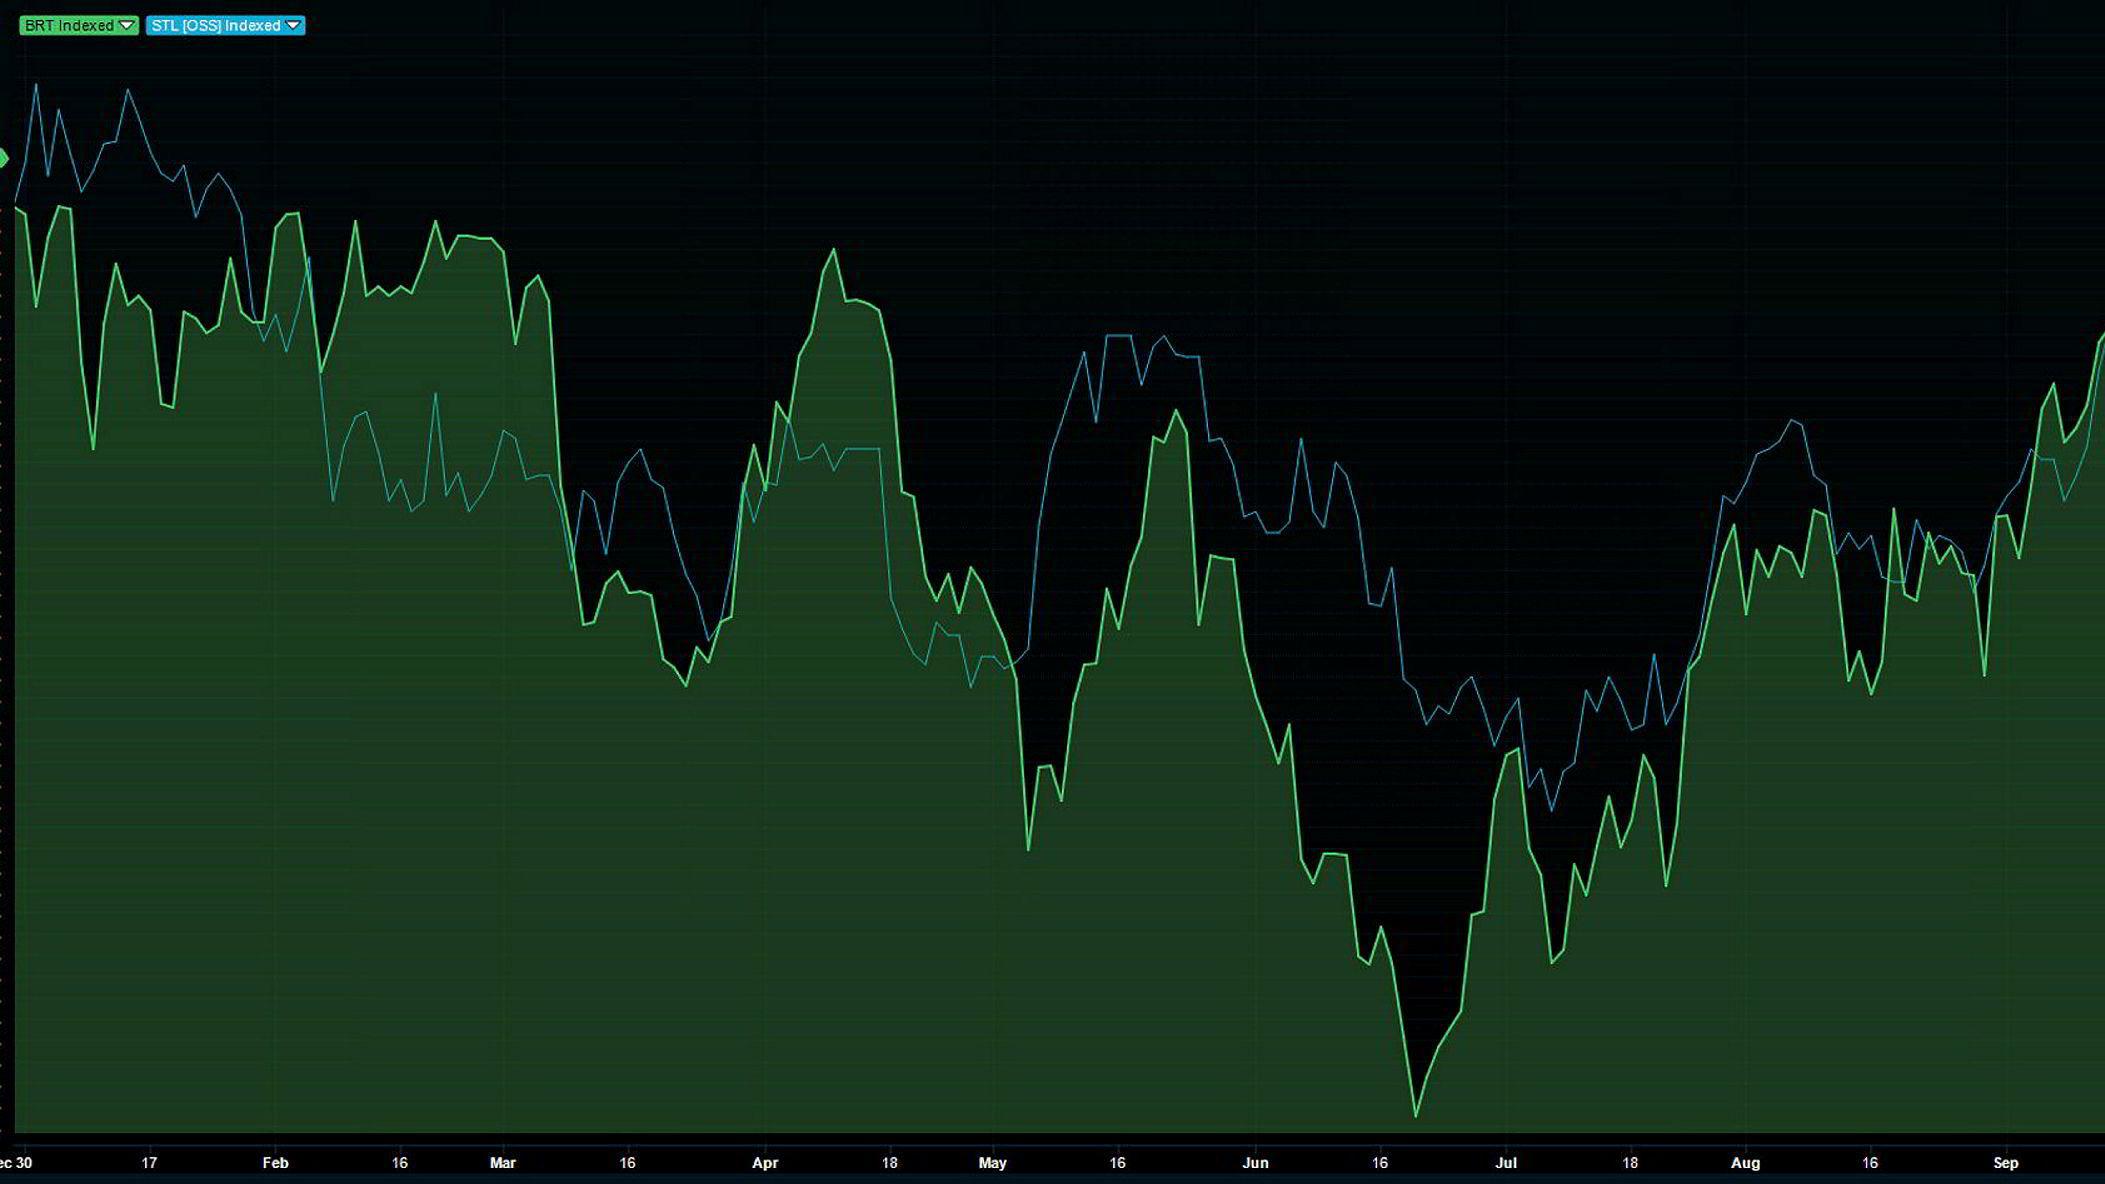 Den grønne streken er oljeprisen. Den blå streken er Statoil-kursen. Det er ikke oljeprisen som følger etter Statoil-kursen, for å si det slik..